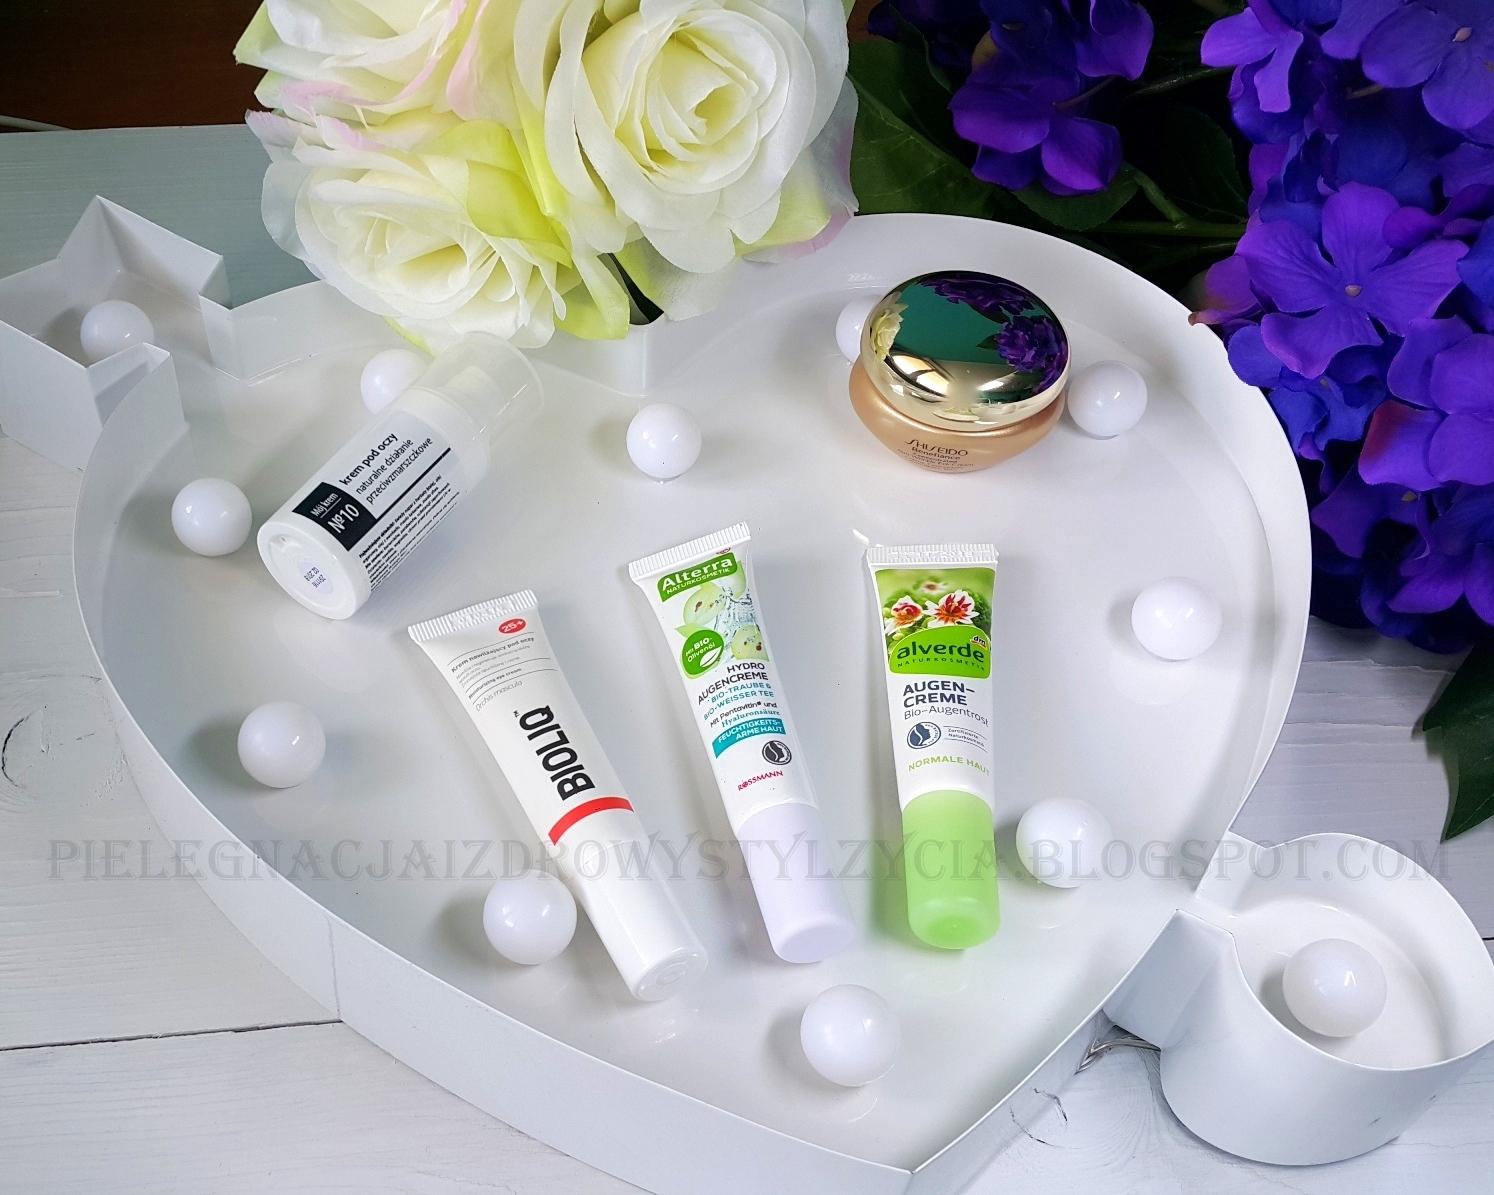 5x NIE: Kremy pod oczy | Shiseido, Fitomed, Bioliq, Alterra, Alverde